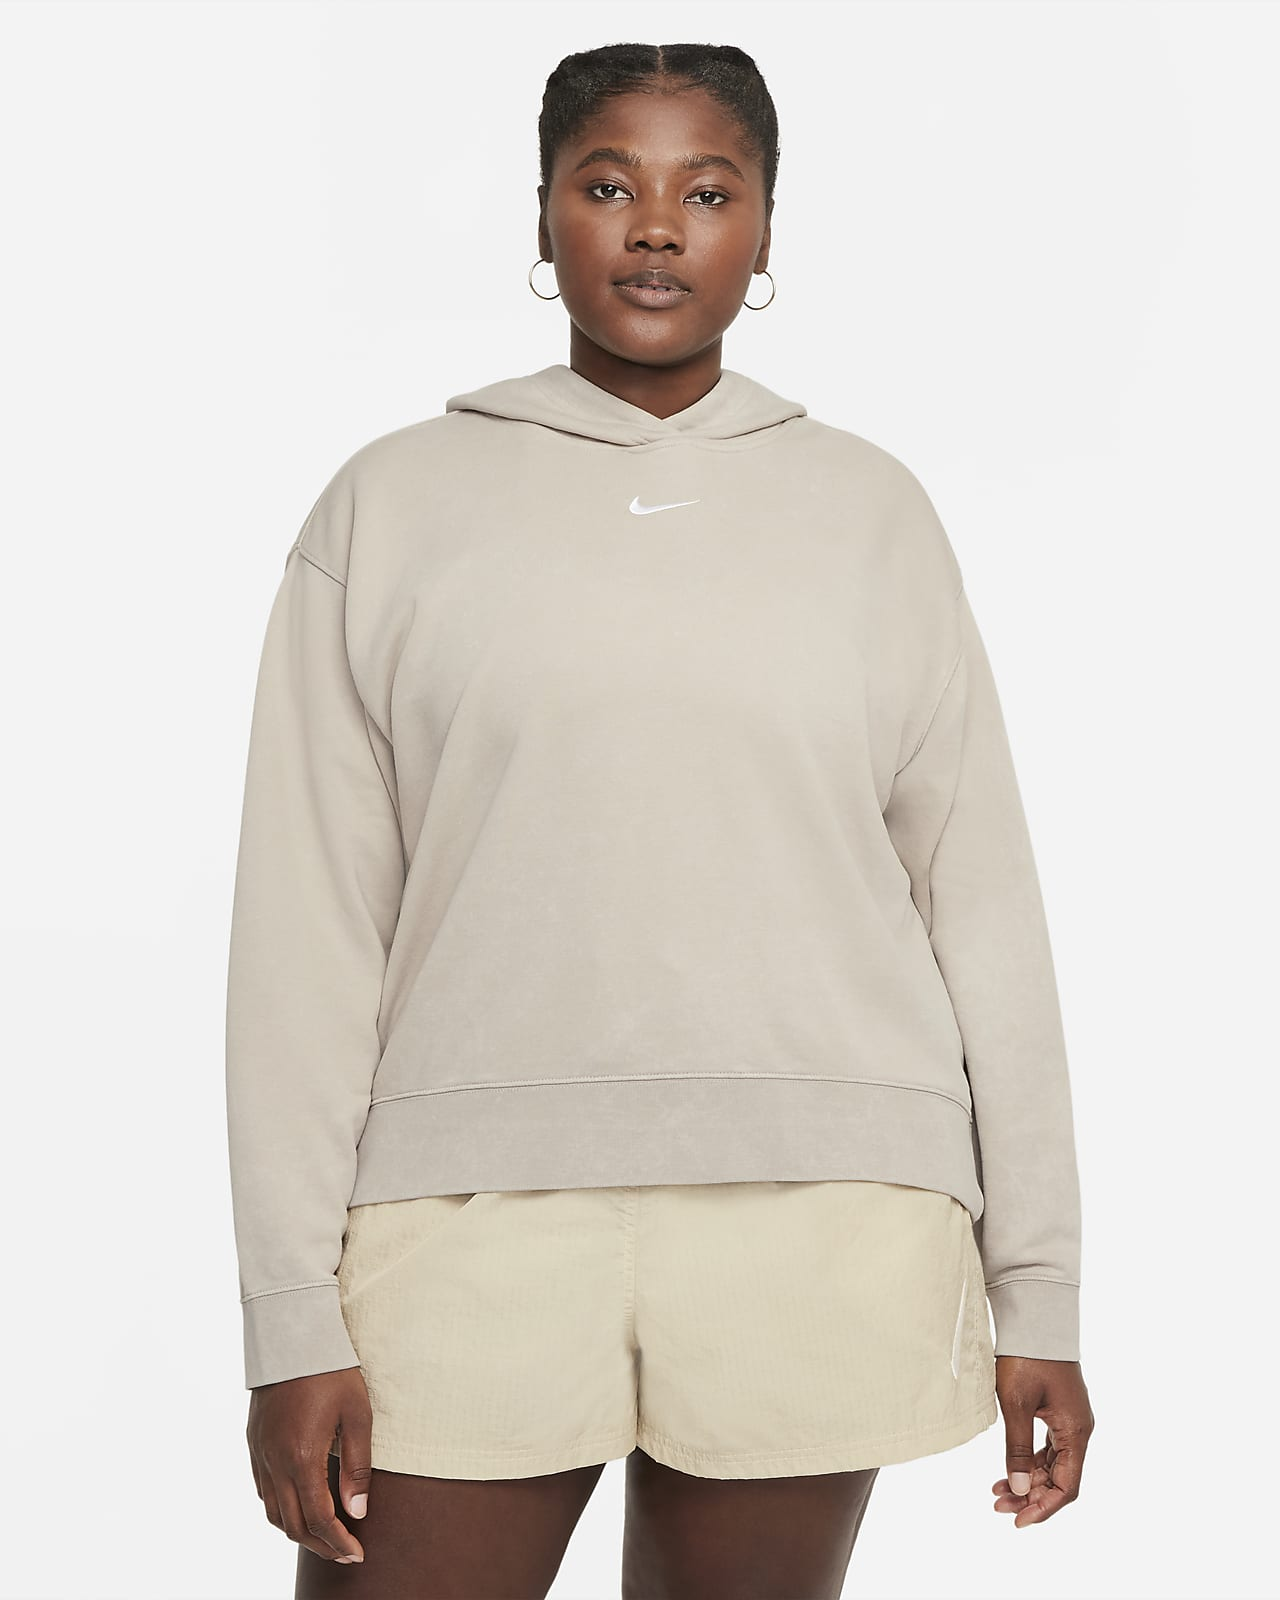 Sudadera con gorro de tejido Fleece desgastada para mujer Nike Sportswear Essential Collection (talla grande)